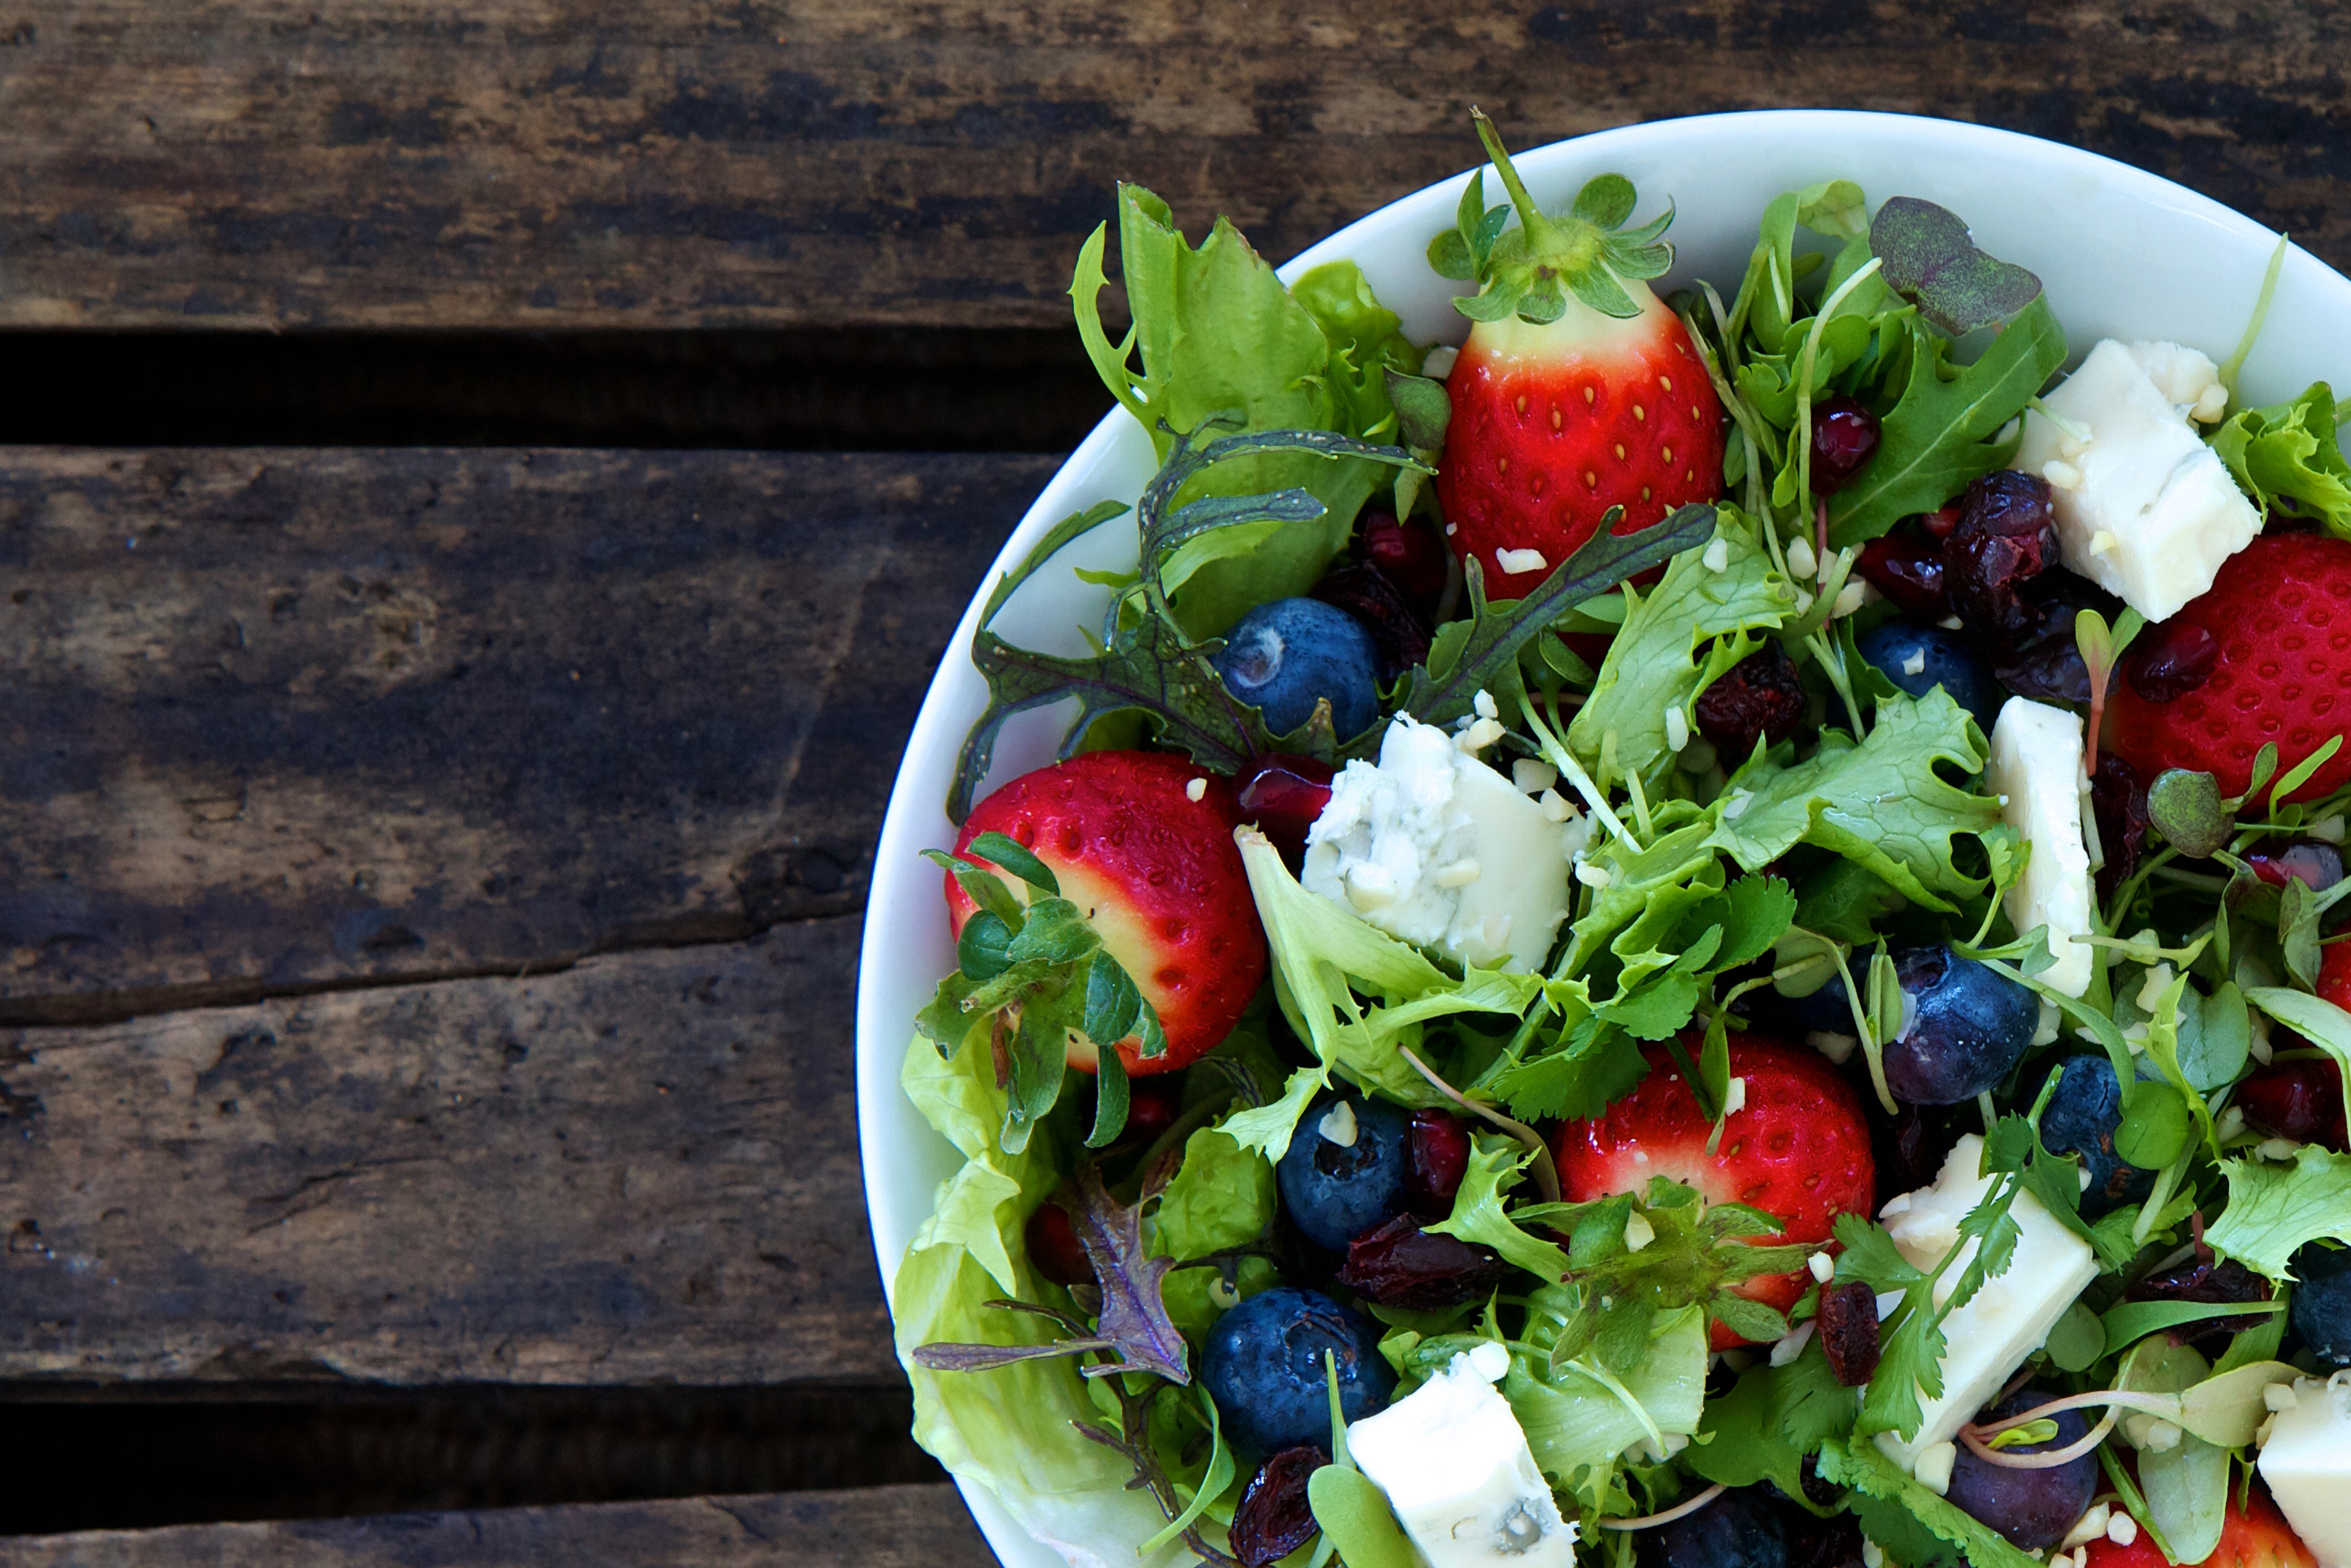 Lösliga fibrer förlångsammar kolhydratnedbrytningen i tarmen och ger därmed ett mildare blodsockersvar. Exempel på lösliga fibrer är grönsaker och bär.